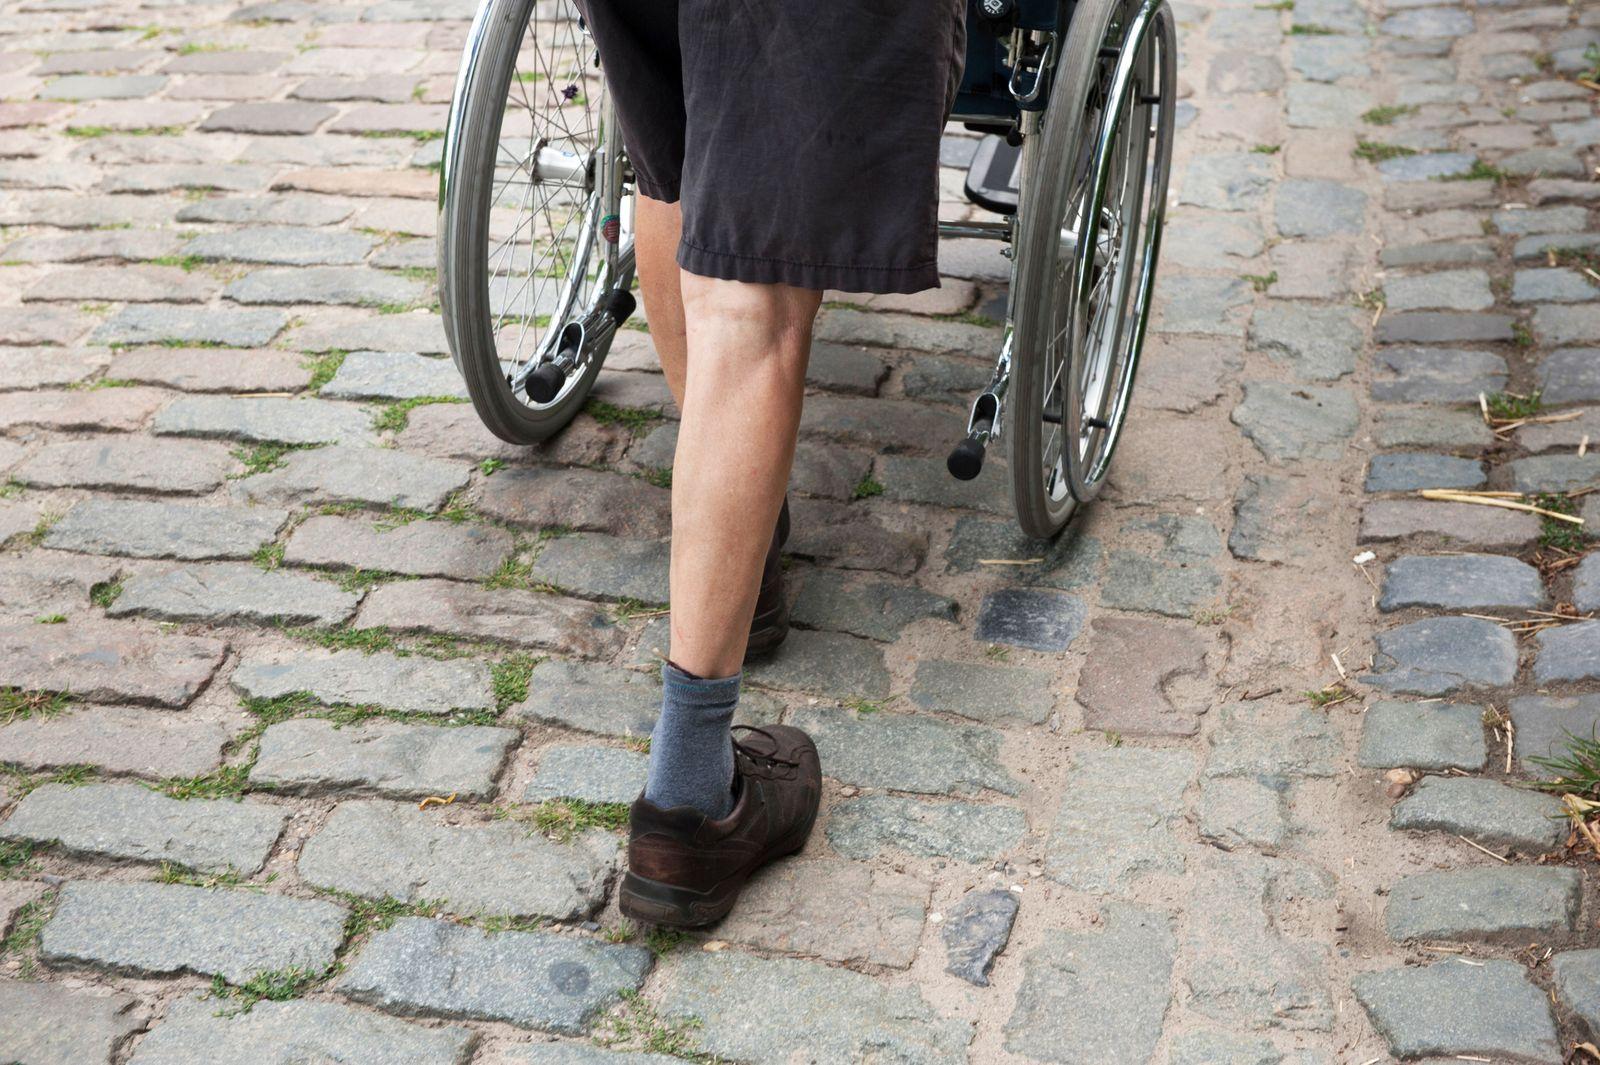 Mann schiebt einen Rollstuhl